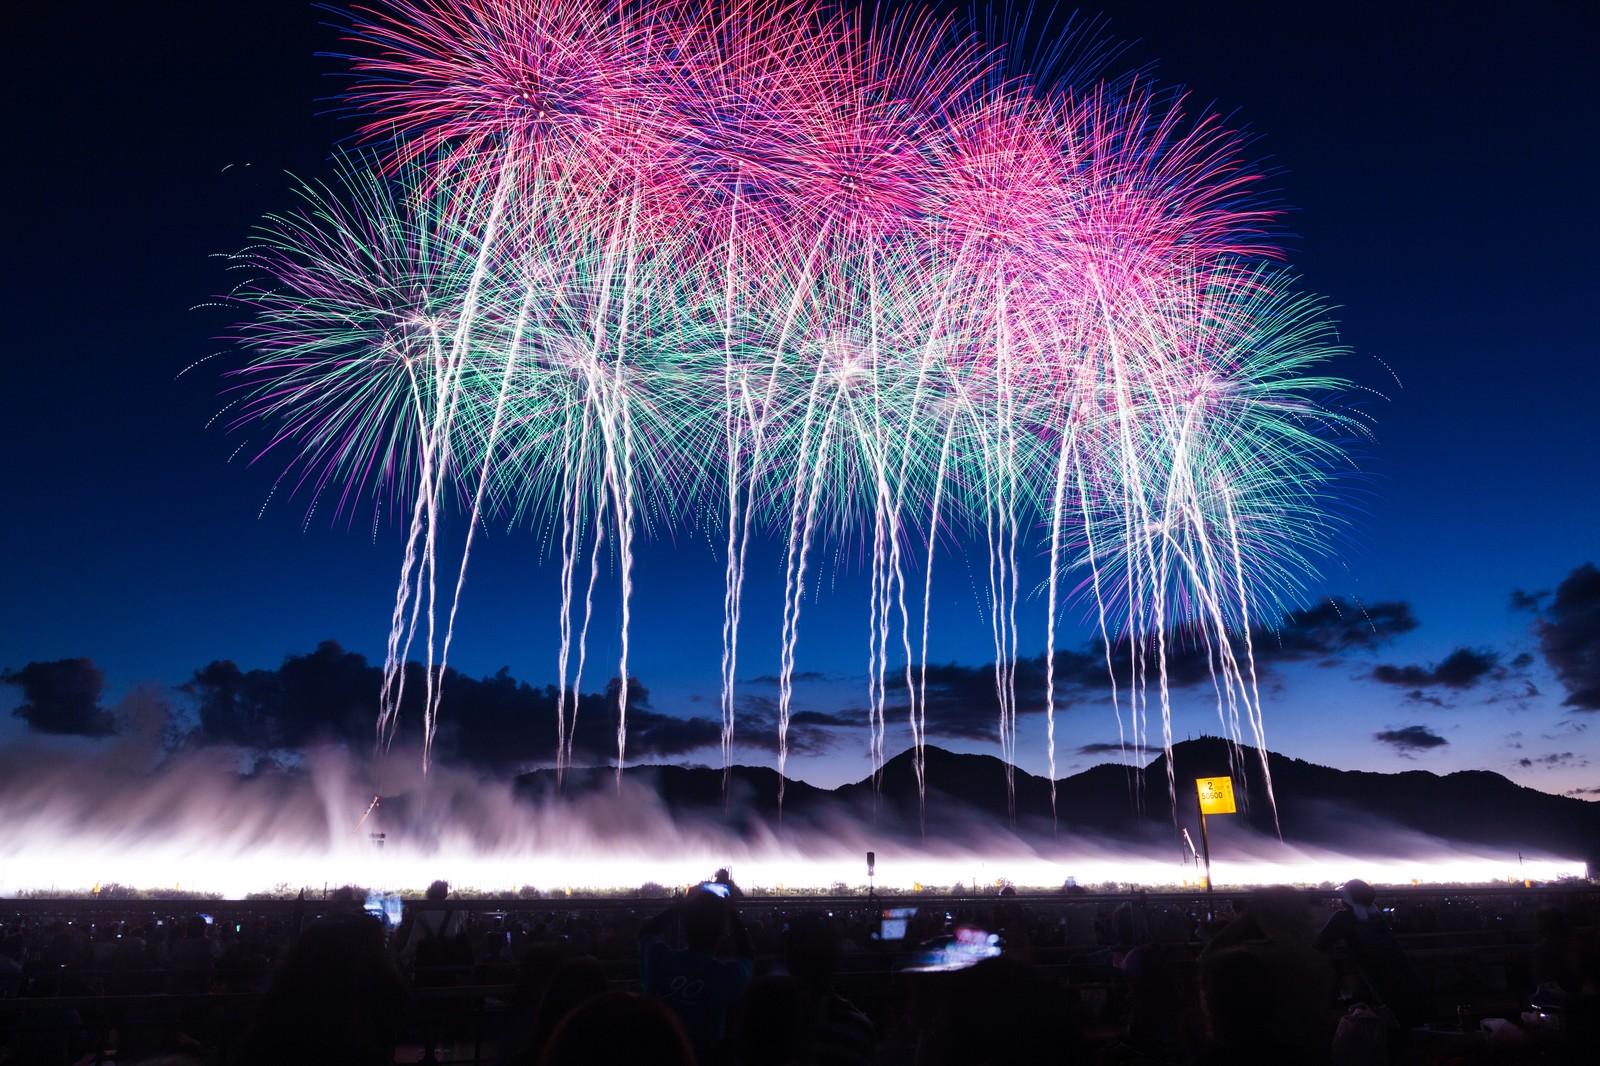 江ノ島花火大会2018!日程と有料席、穴場をまとめてチェック!